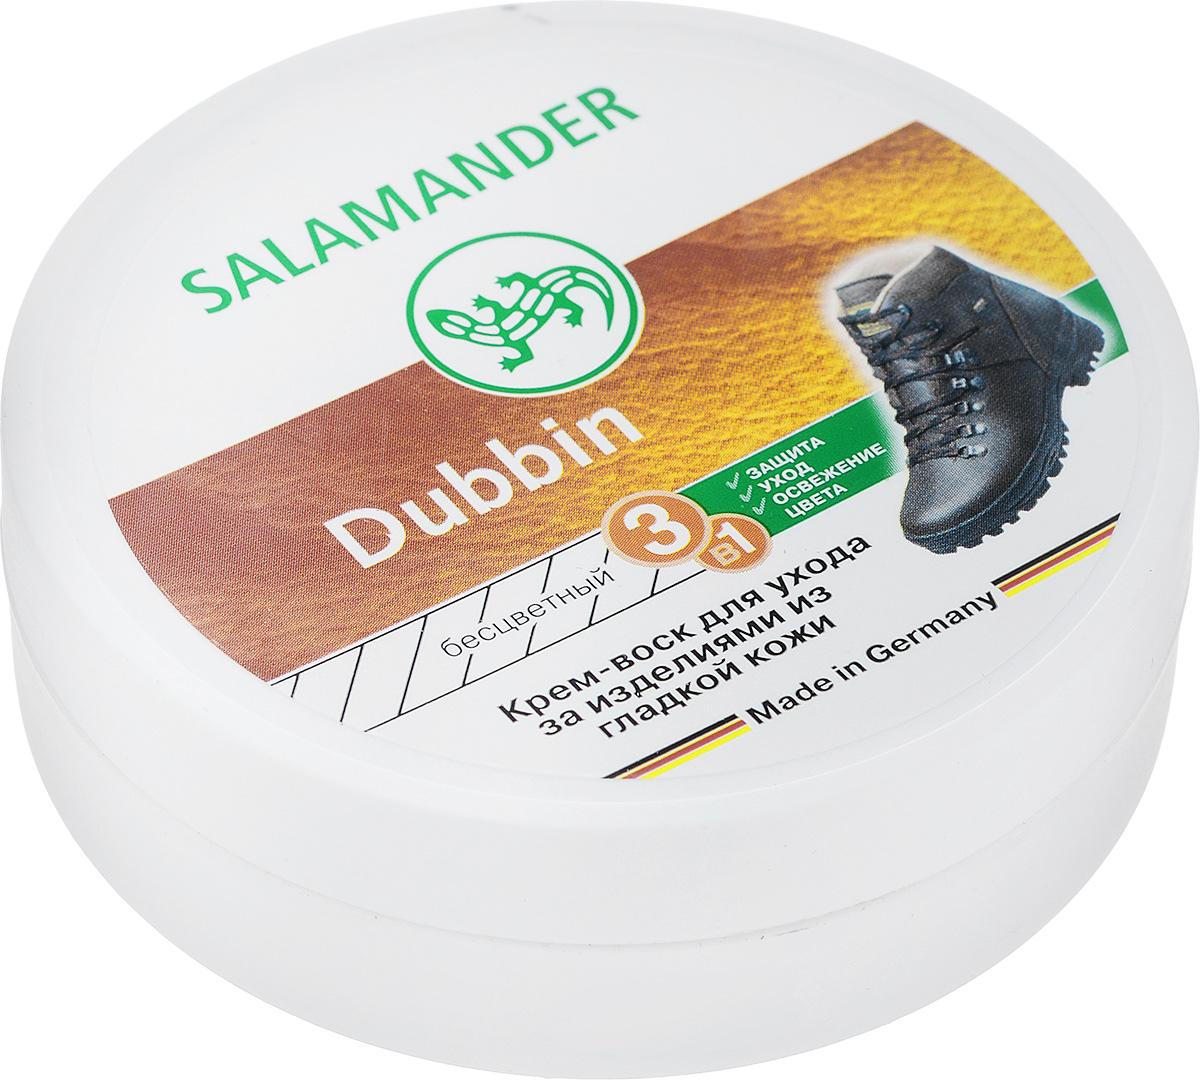 Крем-воск Salamander Dubbin, для гладкой кожи, цвет: бесцветный, 100 мл665677Крем-воск Salamander Dubbin пропитывает и ухаживает за рабочей, спортивной и походной обувью из гладкой кожи. Способ применения: Равномерно нанести средство на очищенную и сухую поверхность. Дать высохнуть и отполировать. Объем: 100 мл.